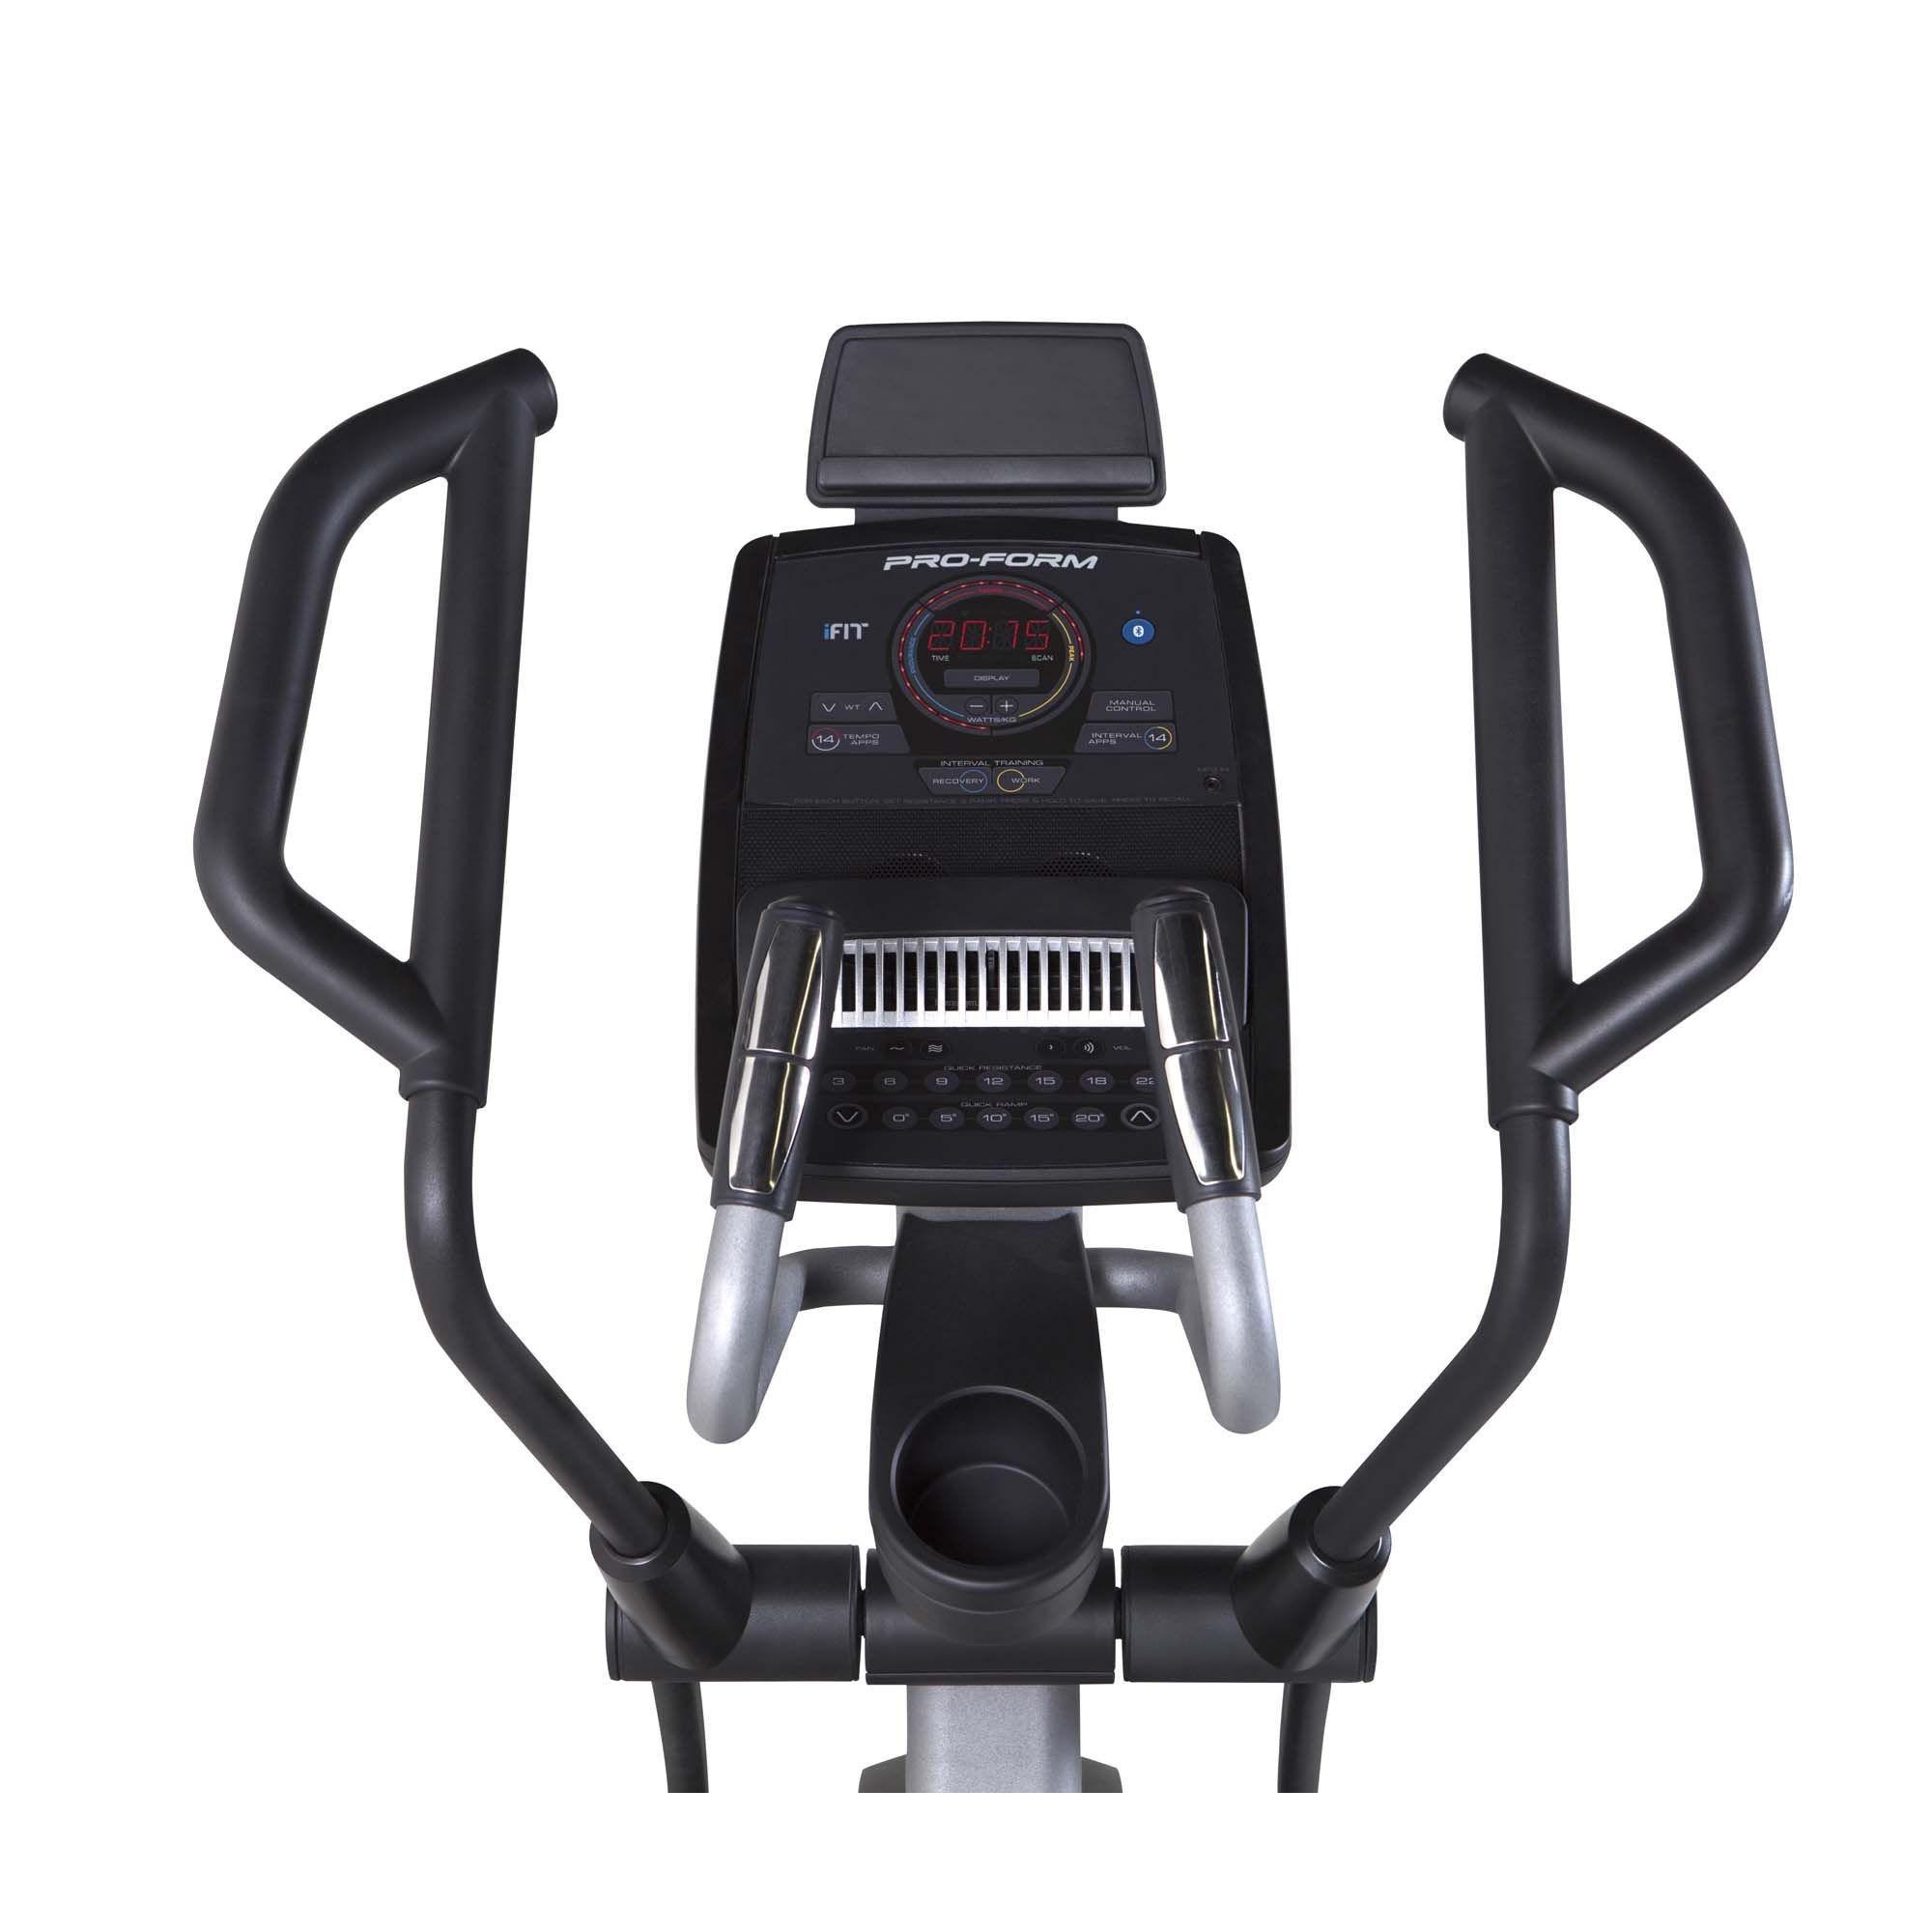 Proform Trainer 7.0 Elliptical